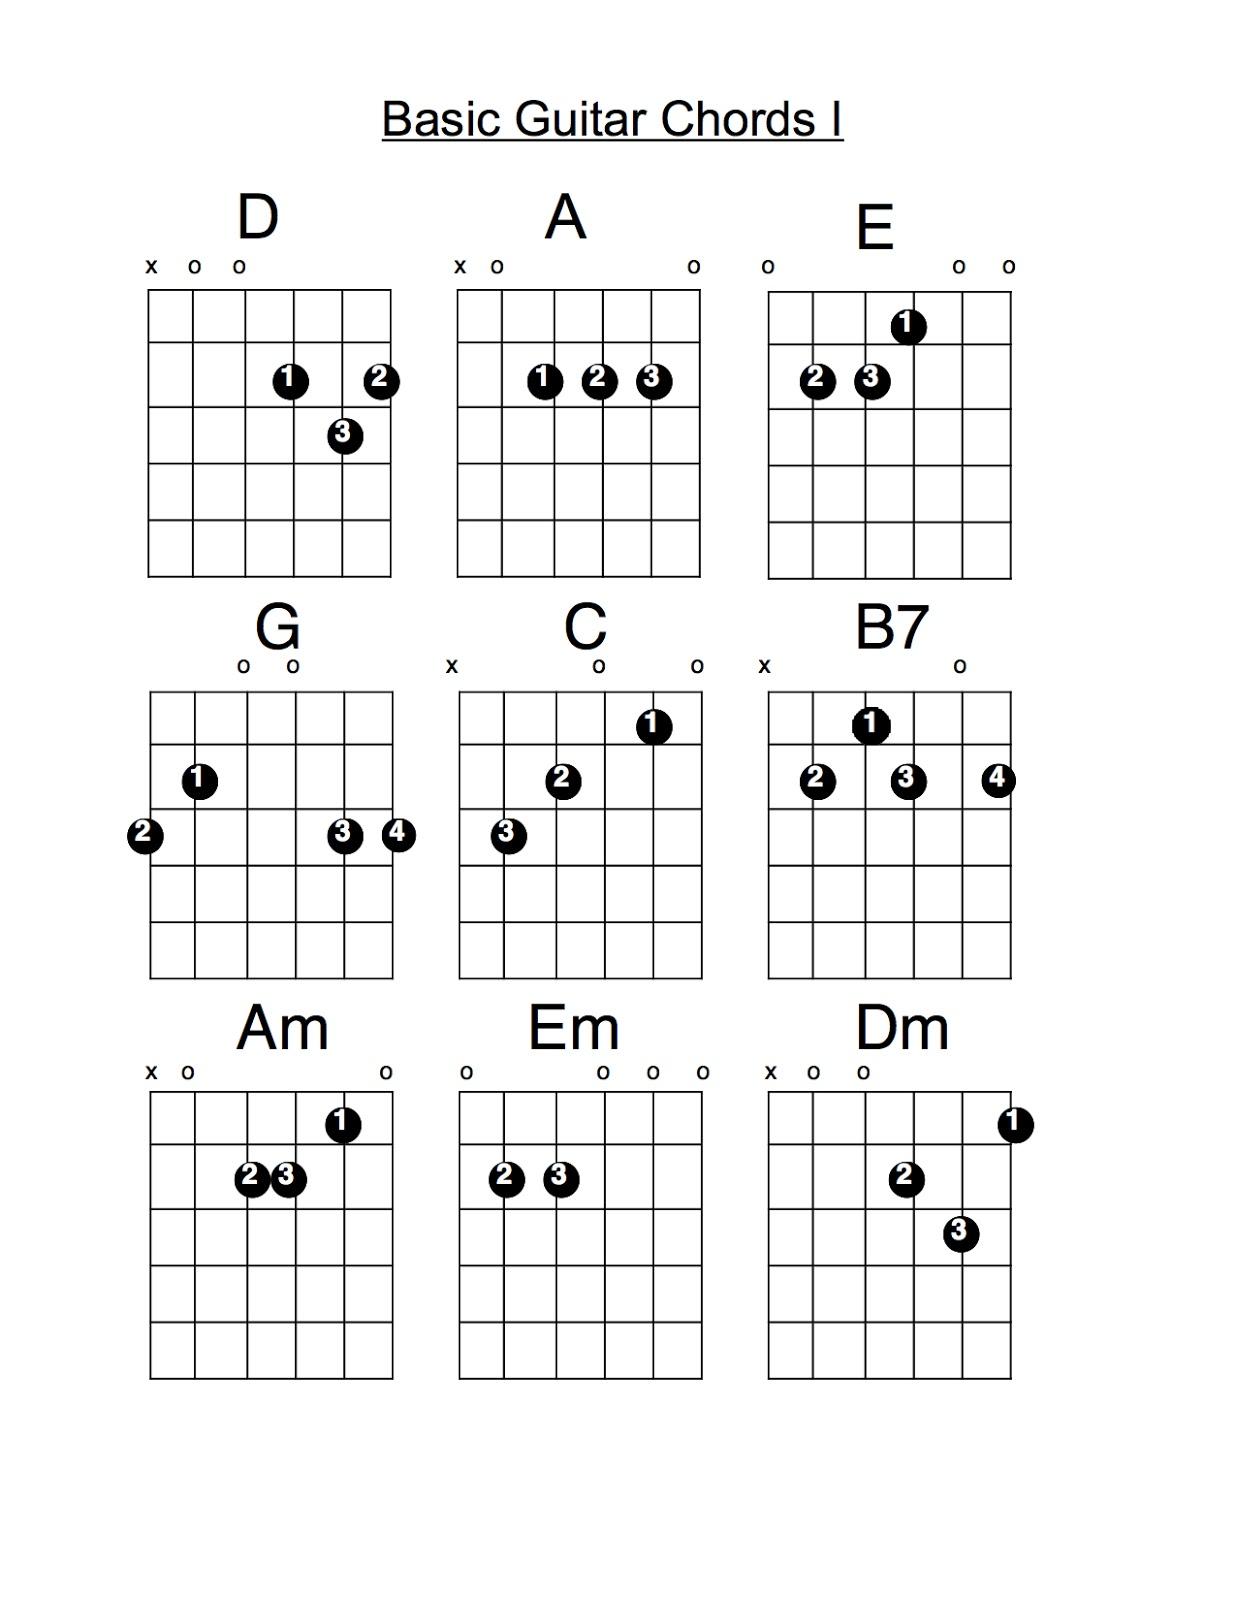 Mistermullen guitar stuff guitar stuff basic guitar chords hexwebz Image collections